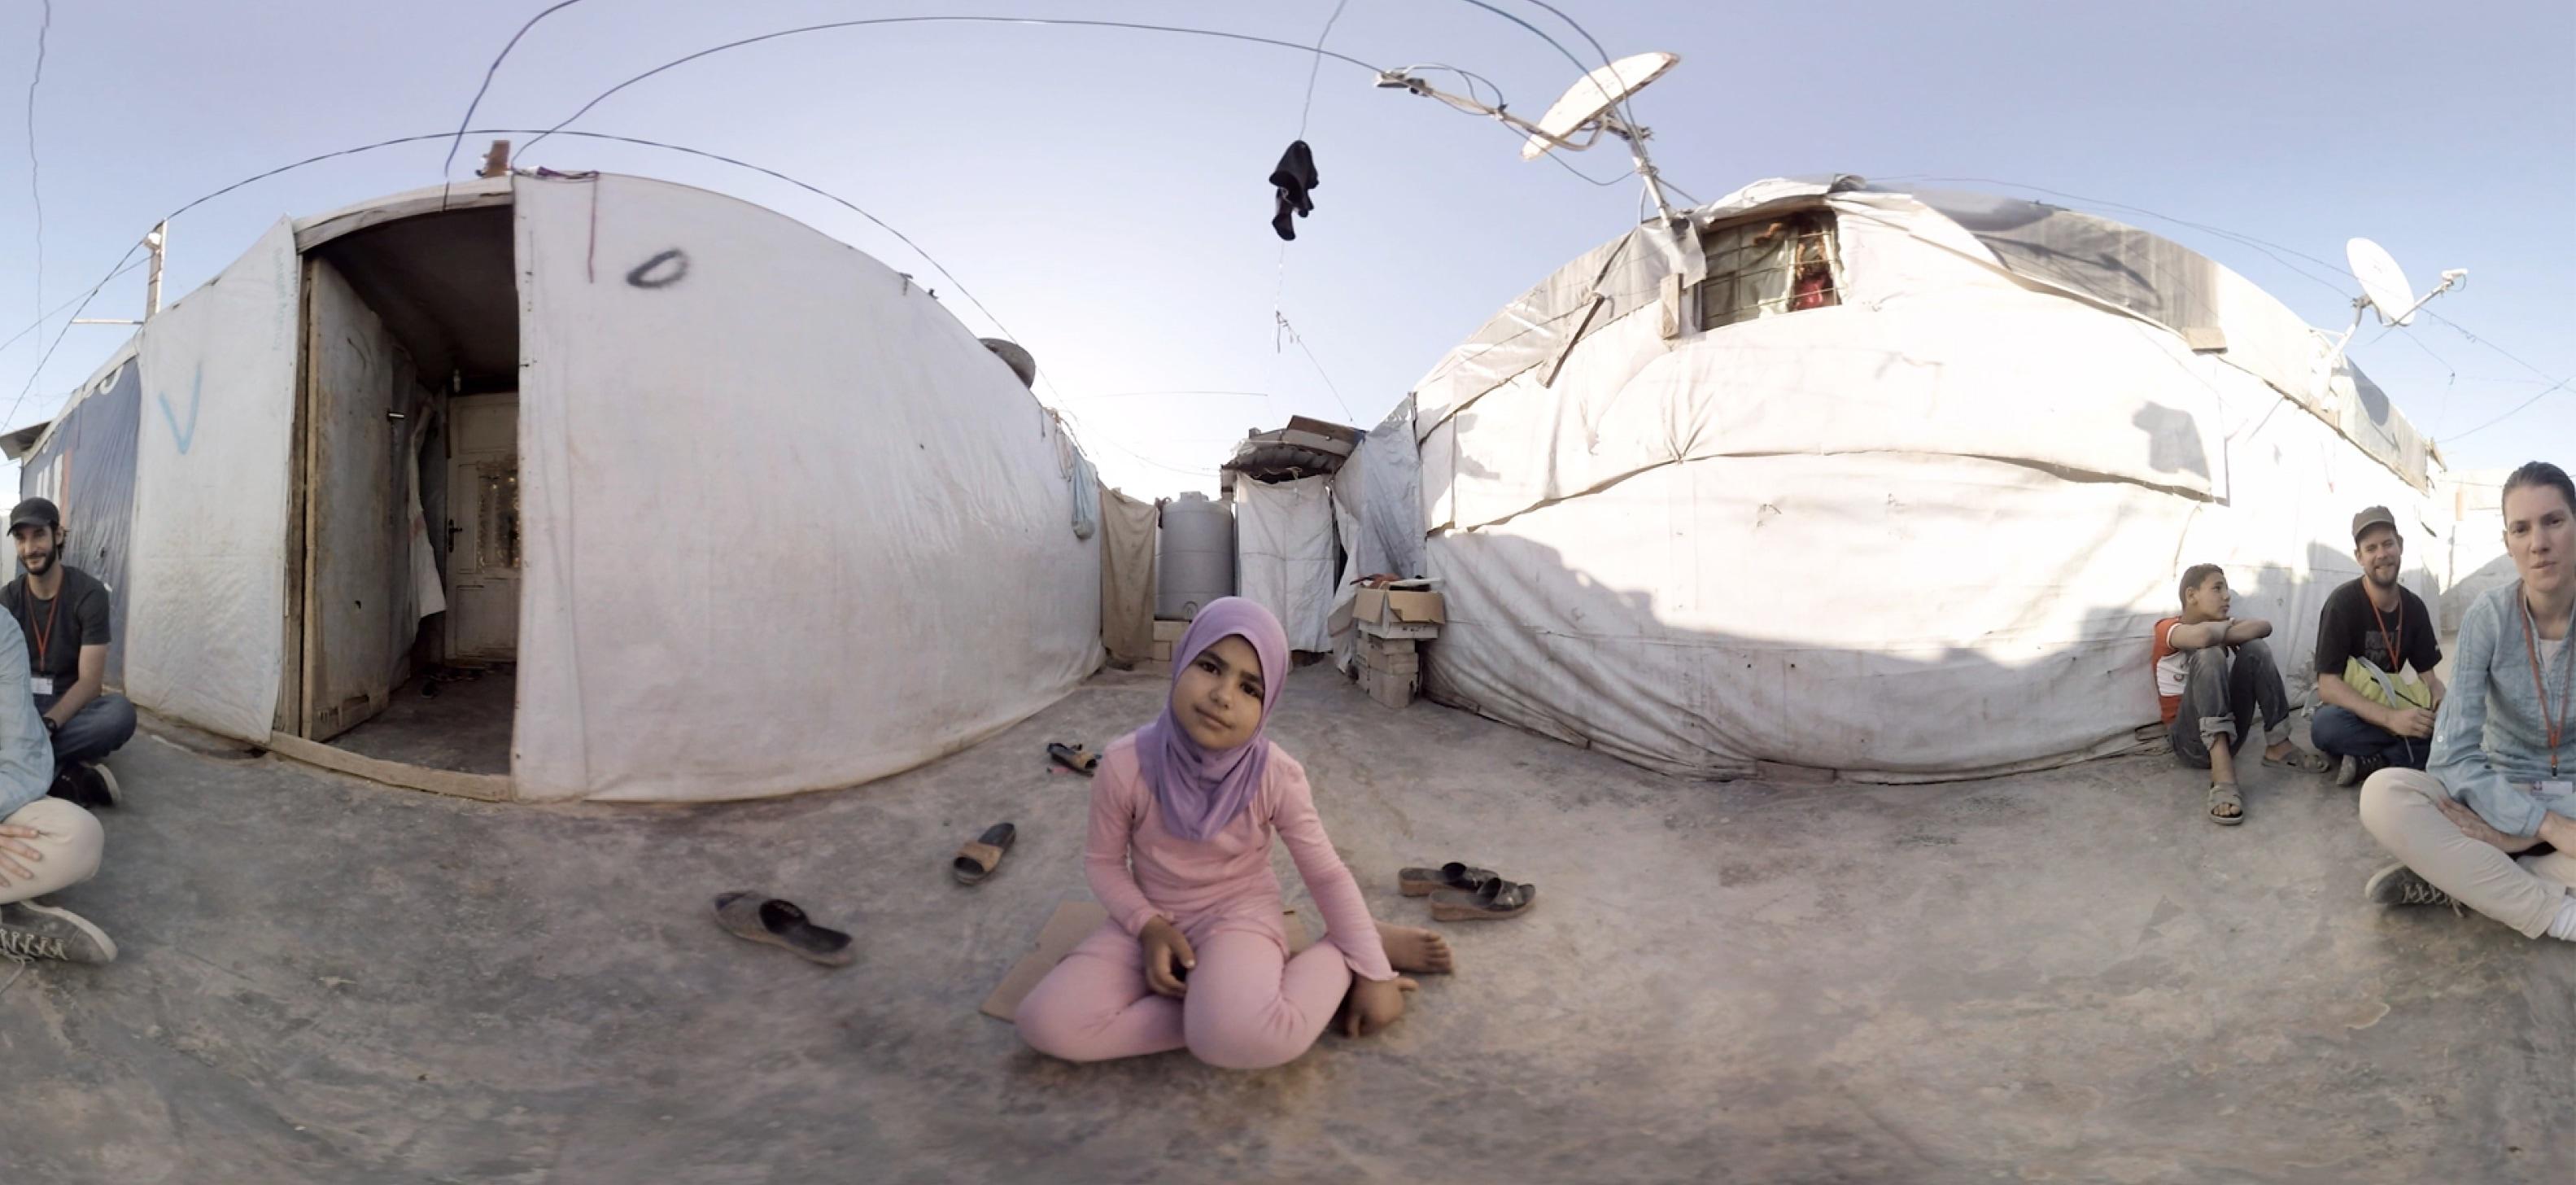 Mit der Wiener Zeitung, Caritas Austria & T-Mobile hat vrisch eine 360º VR-Videodokumentation gedreht, um die Diskussion über das Thema Flucht anzuregen.